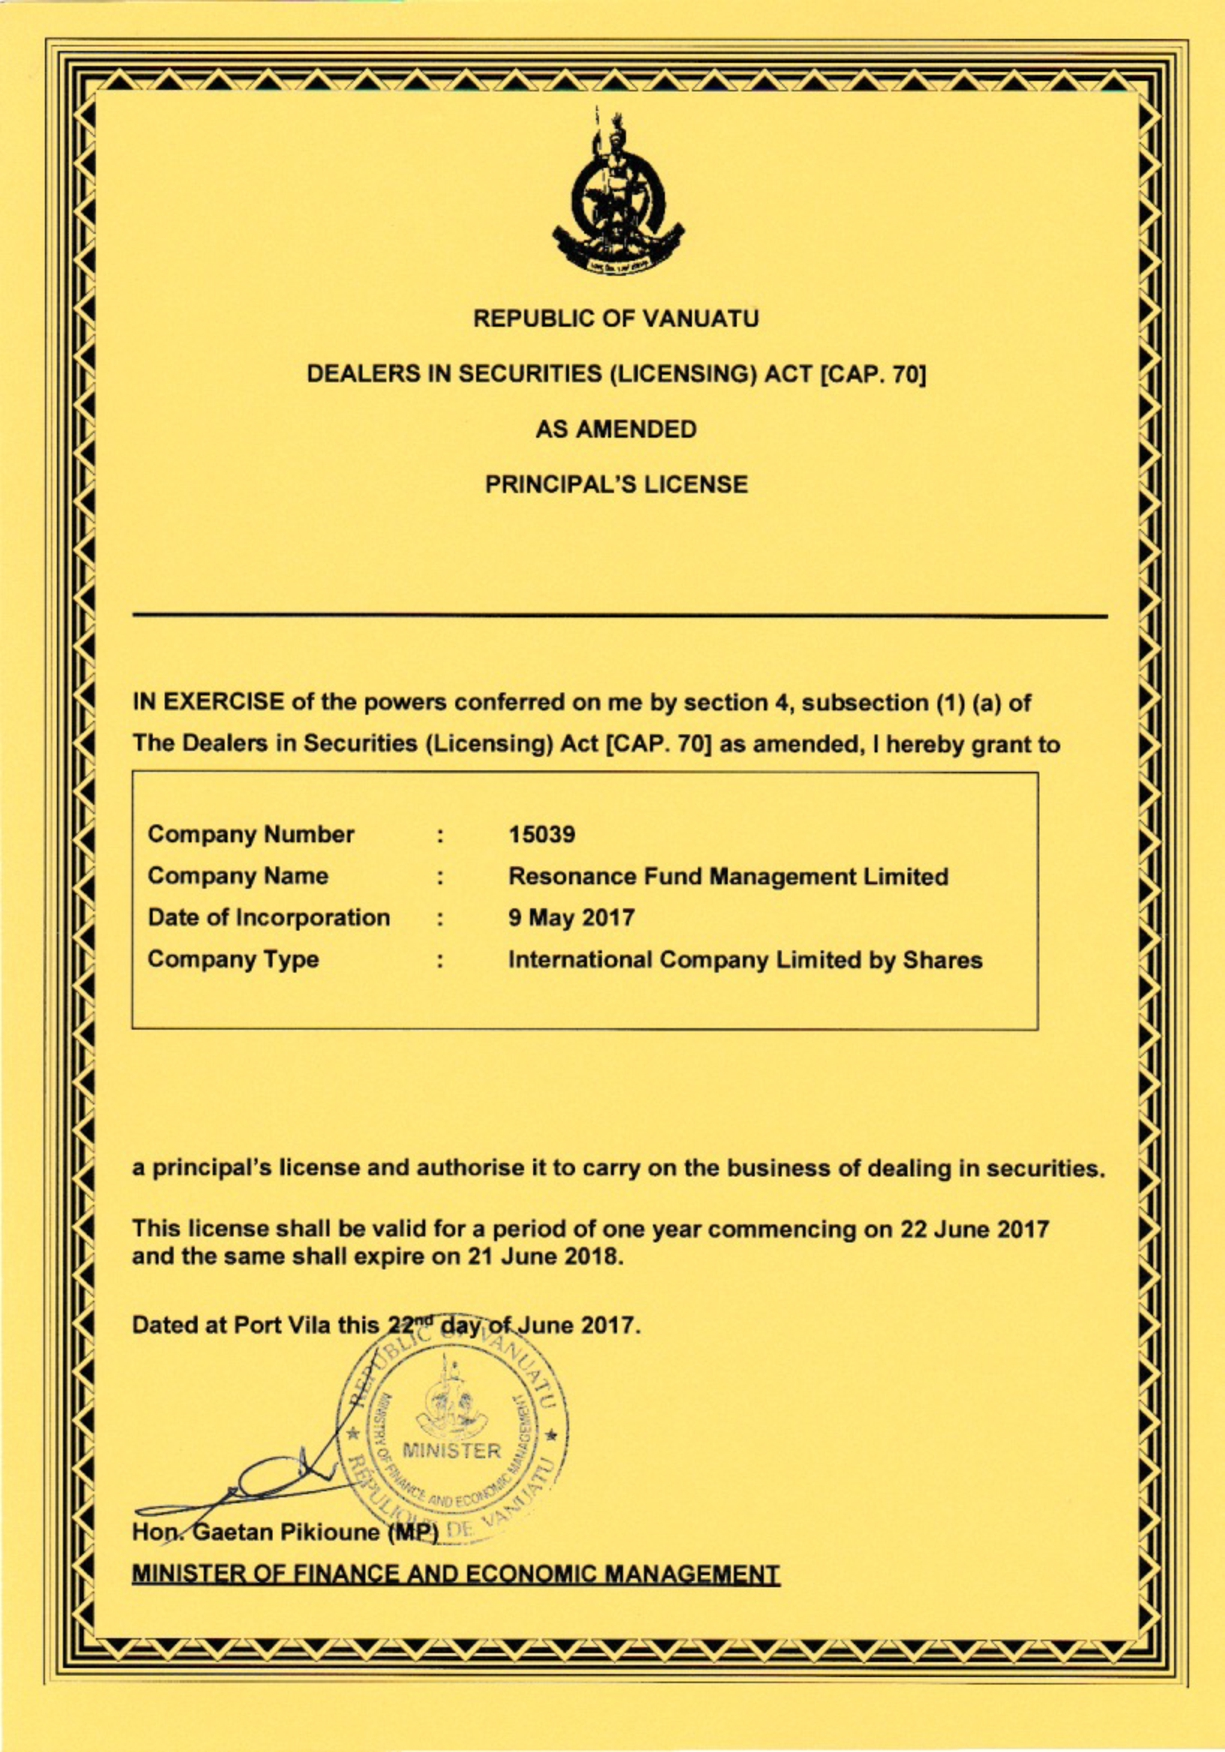 https://s3.eu-west-2.amazonaws.com/rcglp/certificate/3.jpg